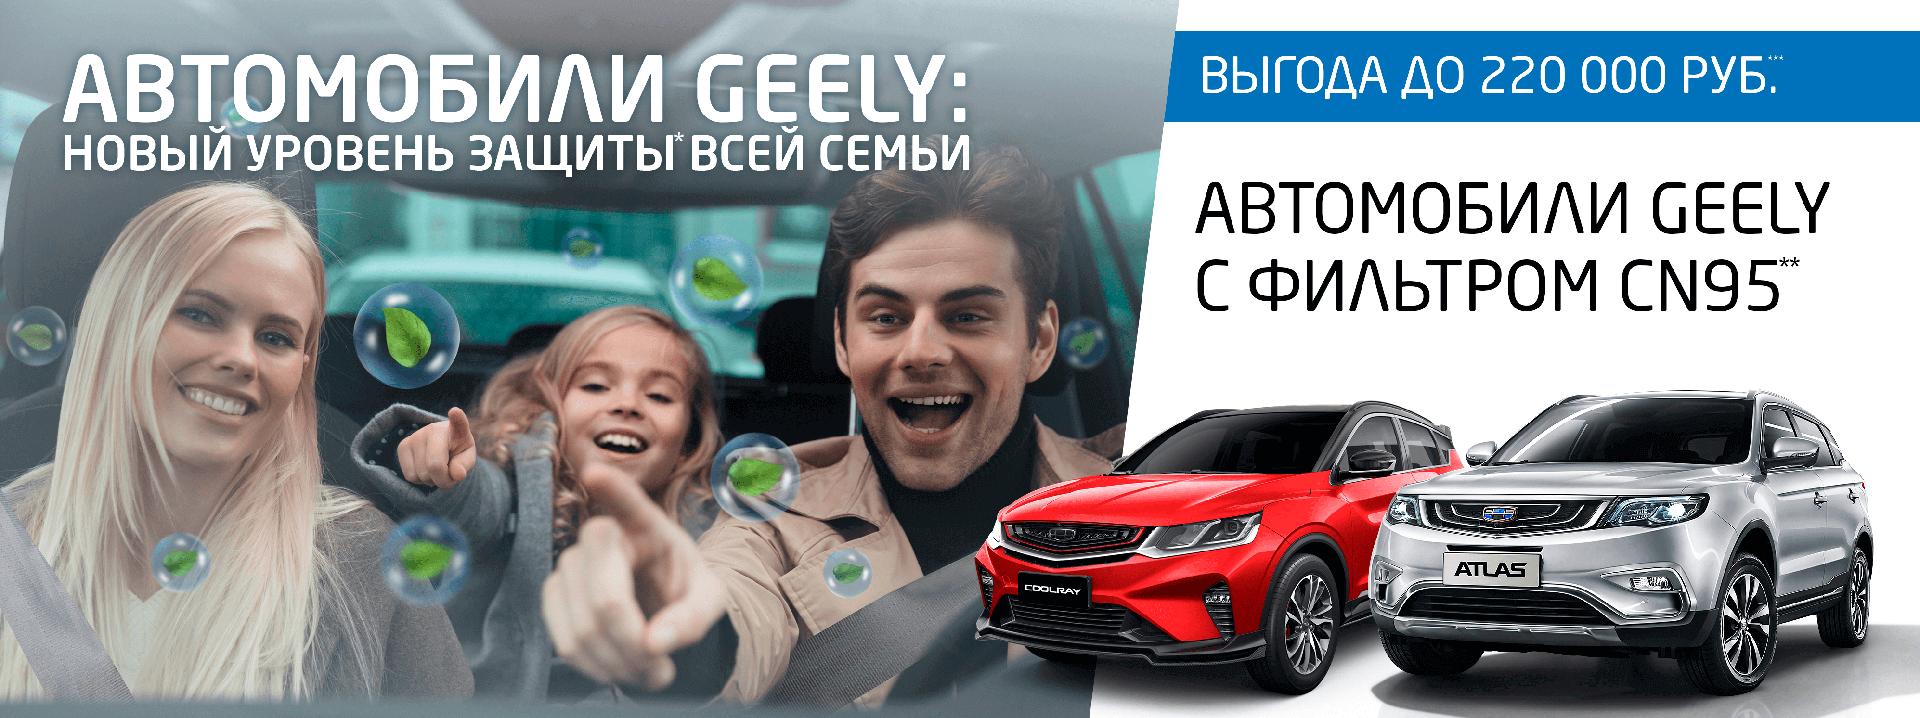 Официальный дилер Geely: купить Джили в Москве, выгодные цена на модели 2018-2019 в автосалонах «ОБУХОВ»